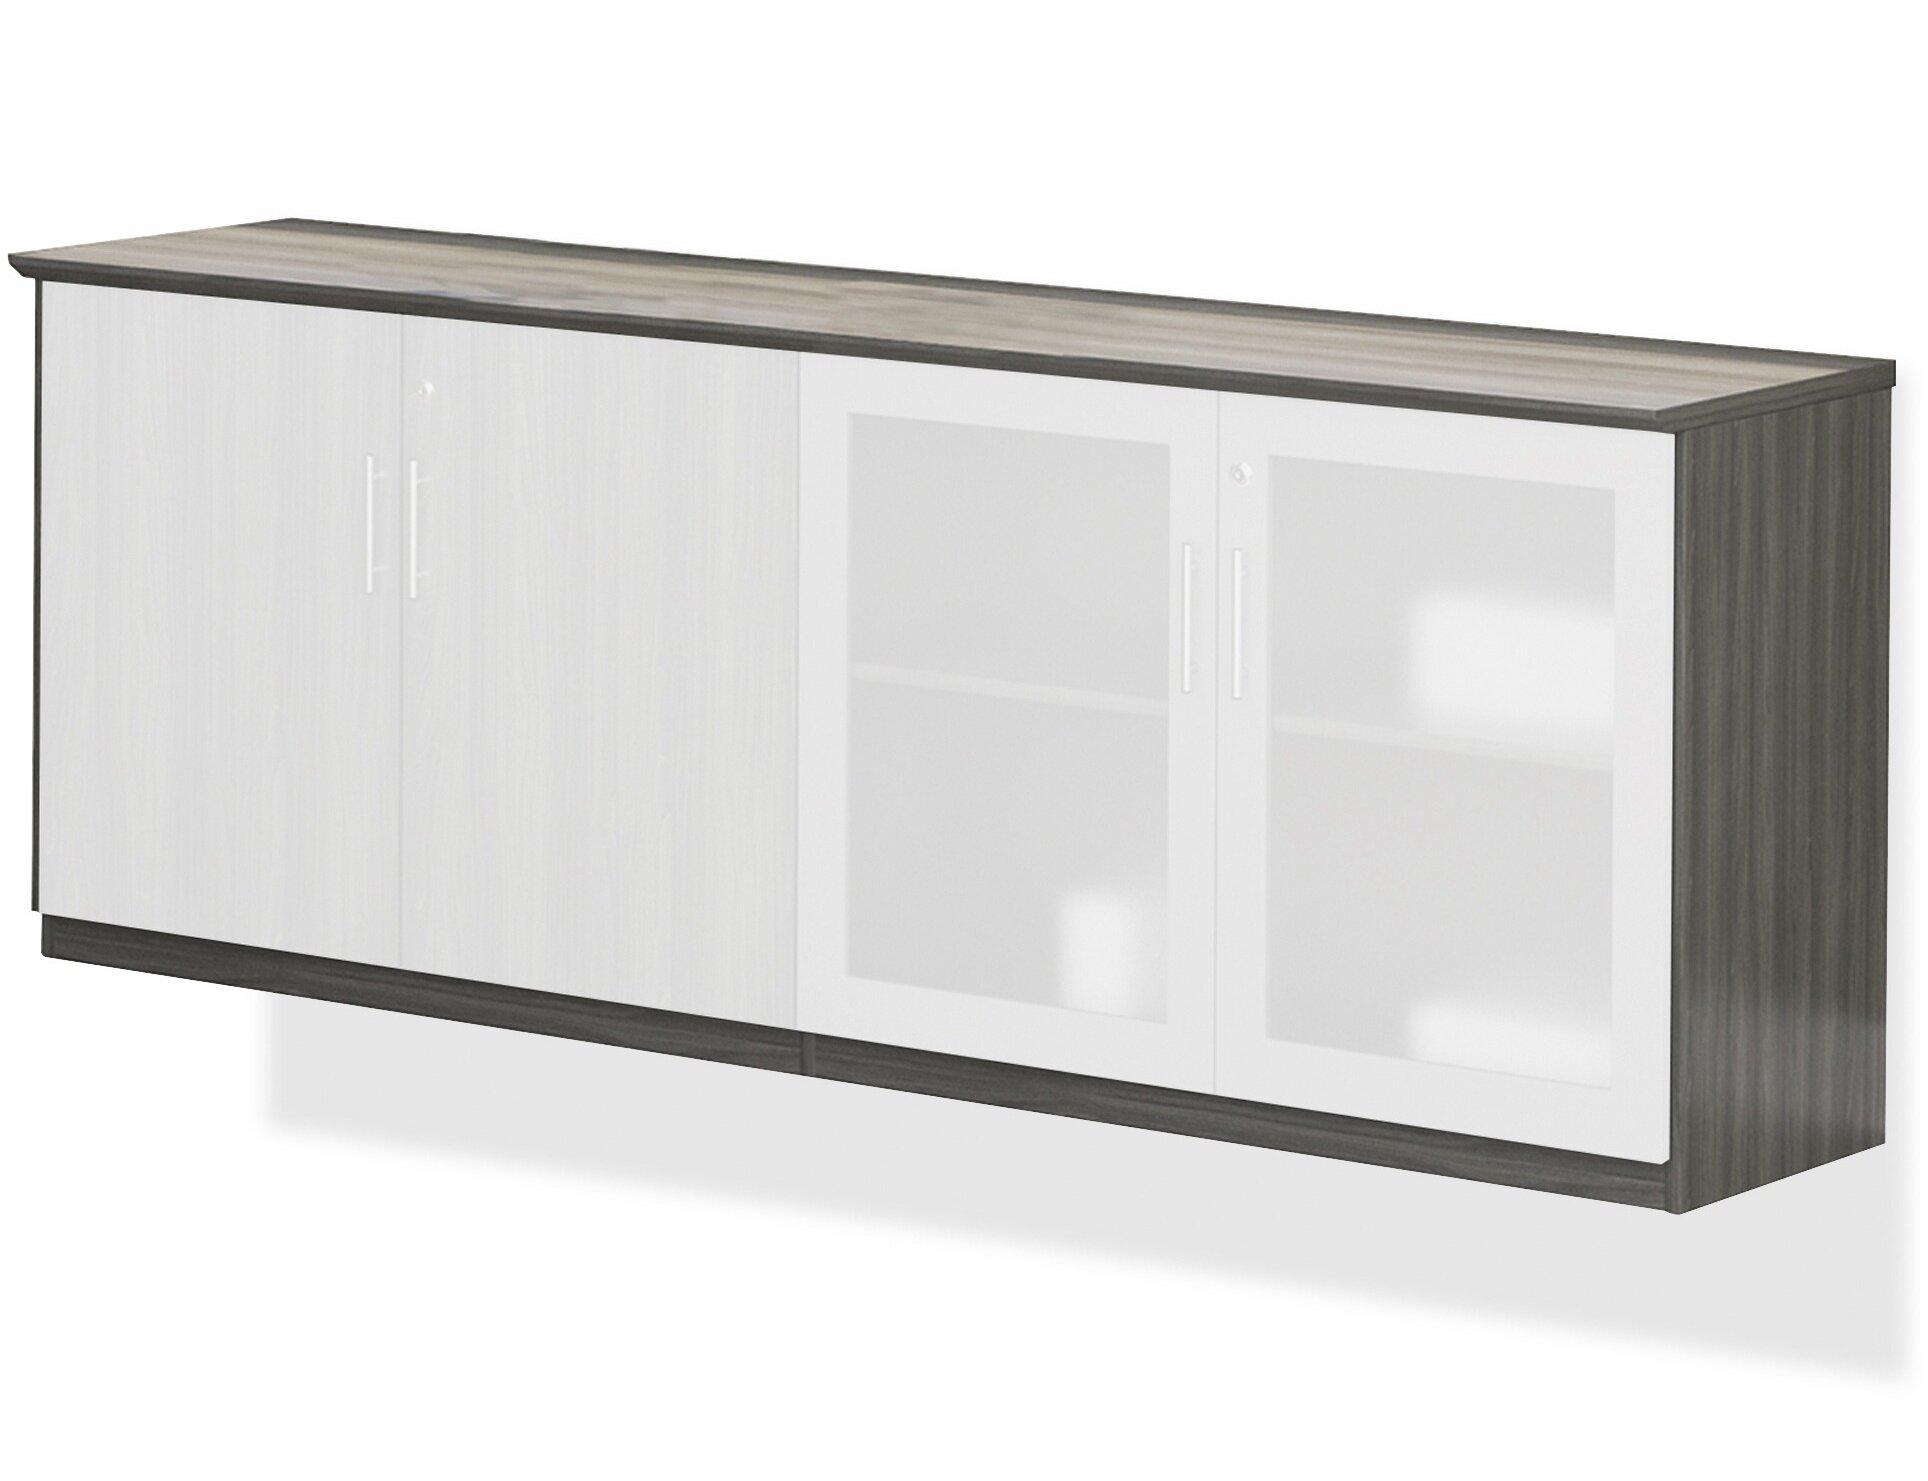 Elegant Mayline Medina Low Wall Storage Cabinet   Wayfair